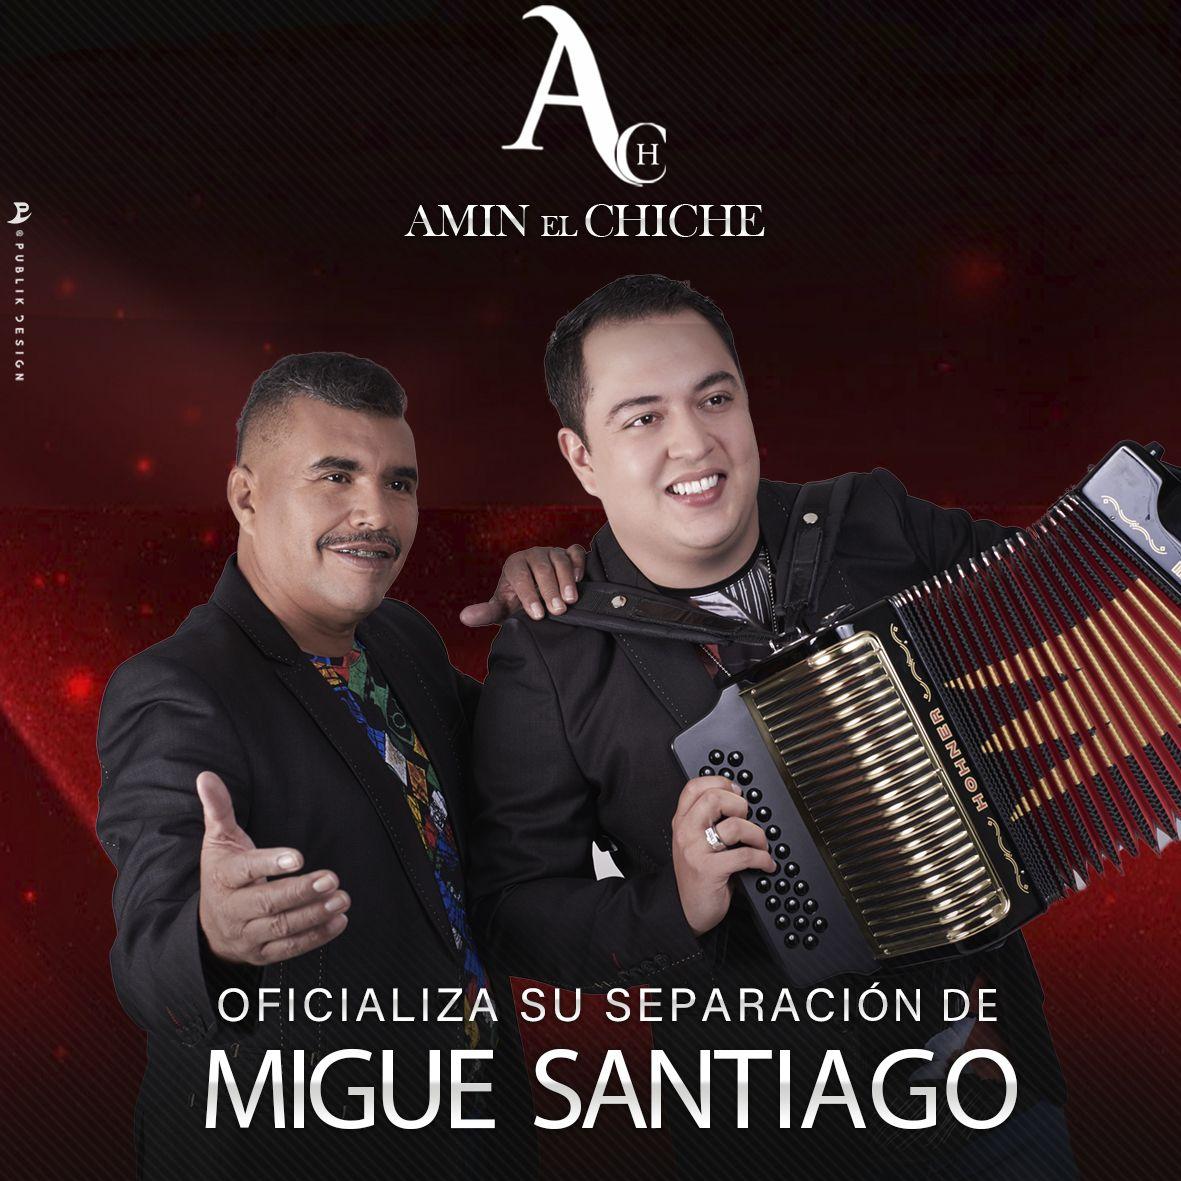 Amín el Chiche oficializa la separacion con Migue Santiago